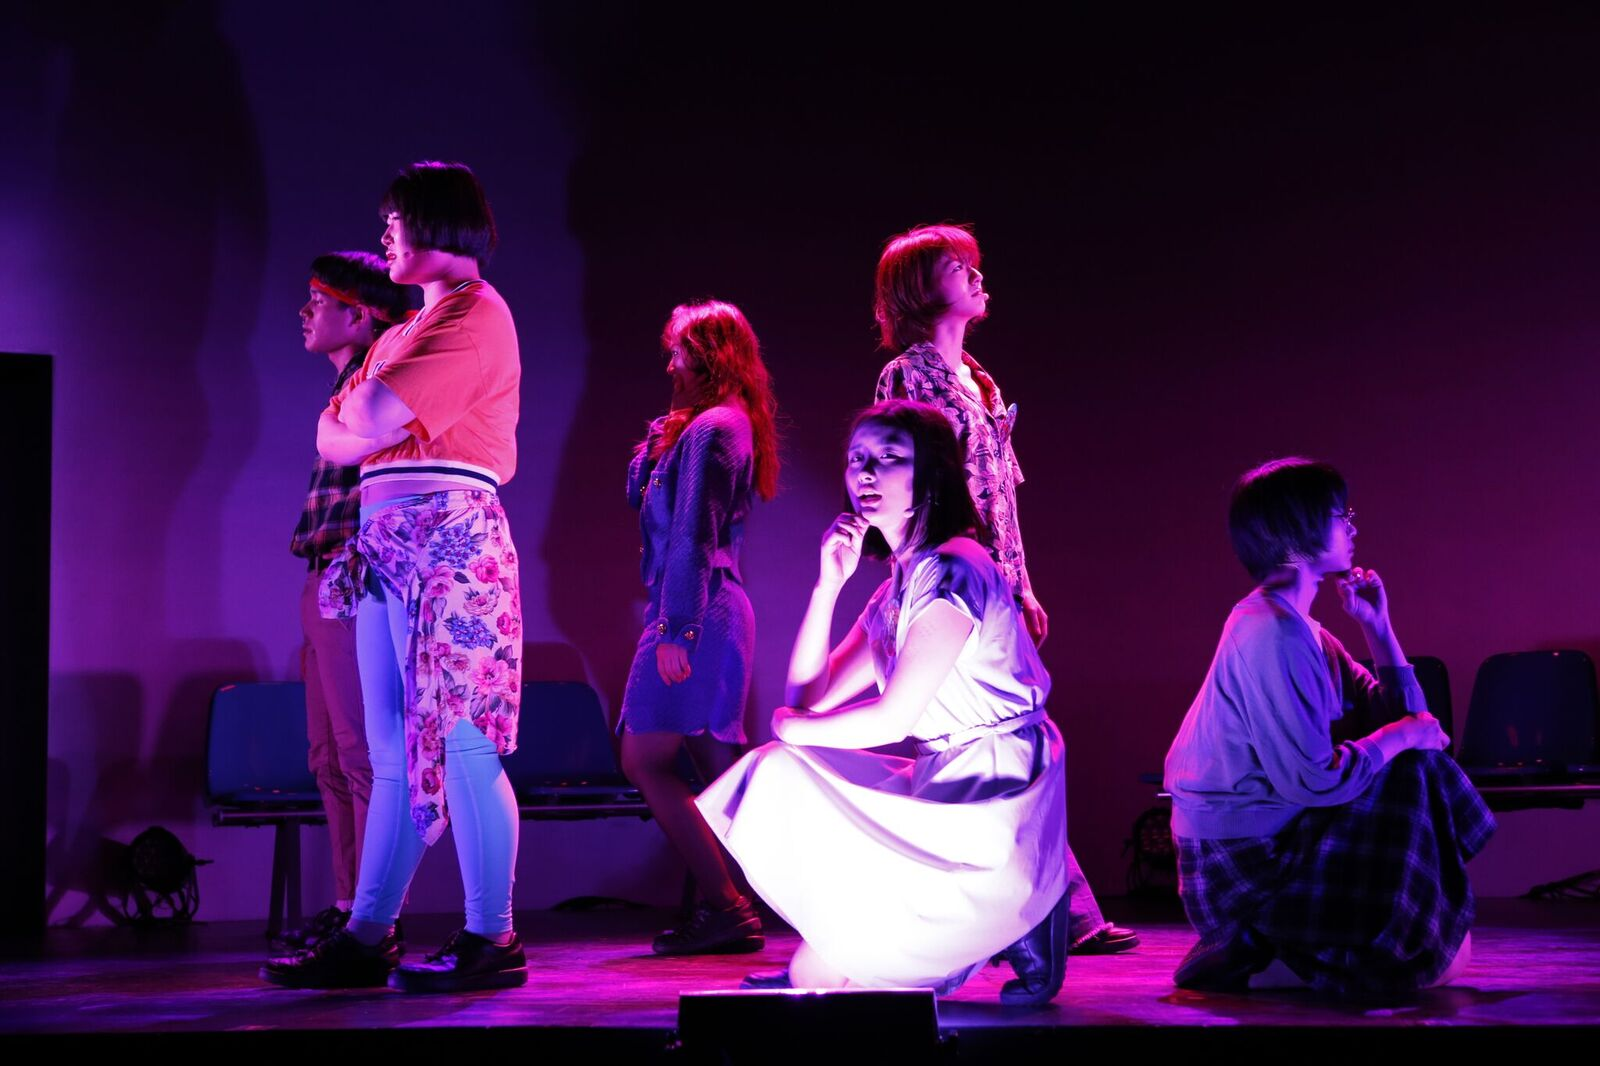 劇団4ドル50セント 週末定期公演 Vol.1舞台写真10